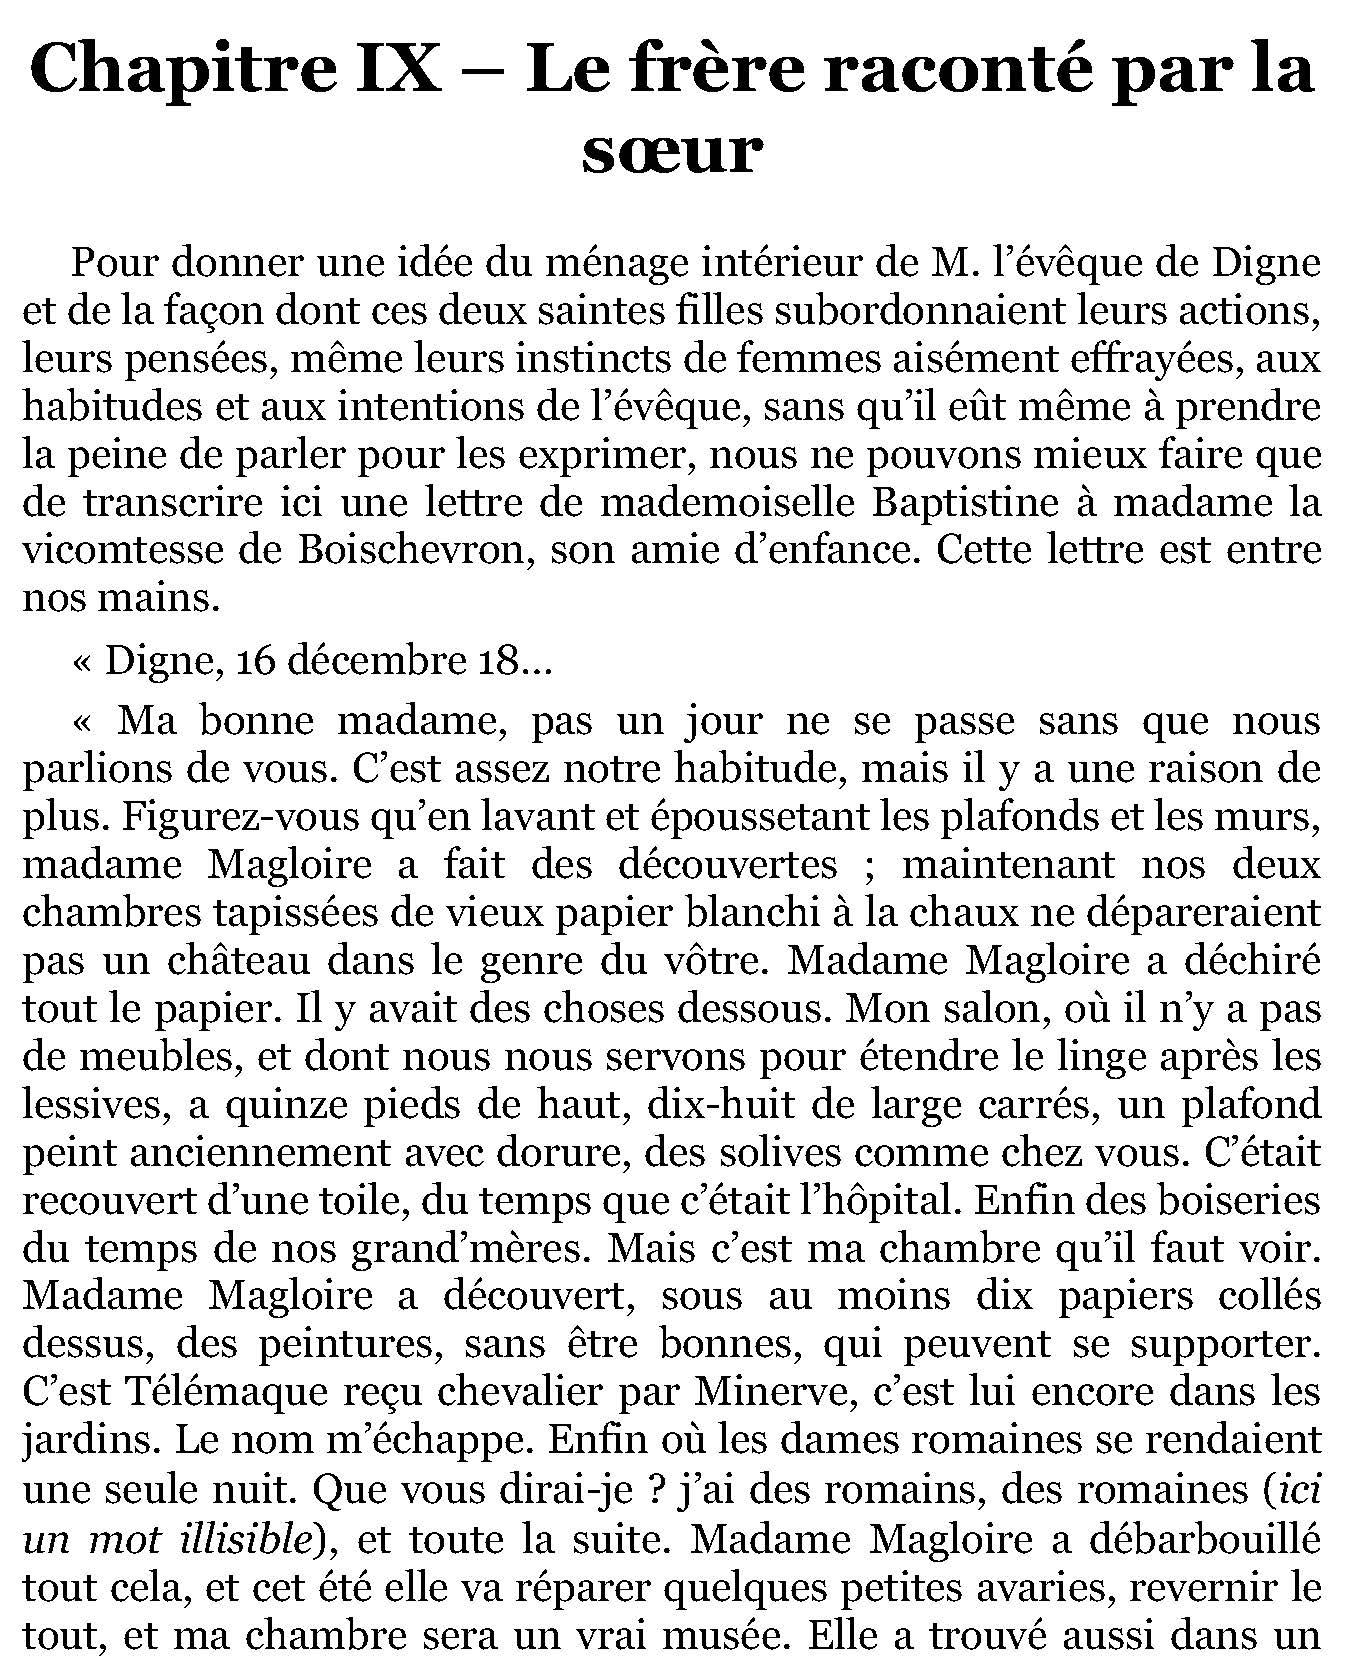 Les misérables, Tome 1 Fantine de Victor Hugo en pdf 3